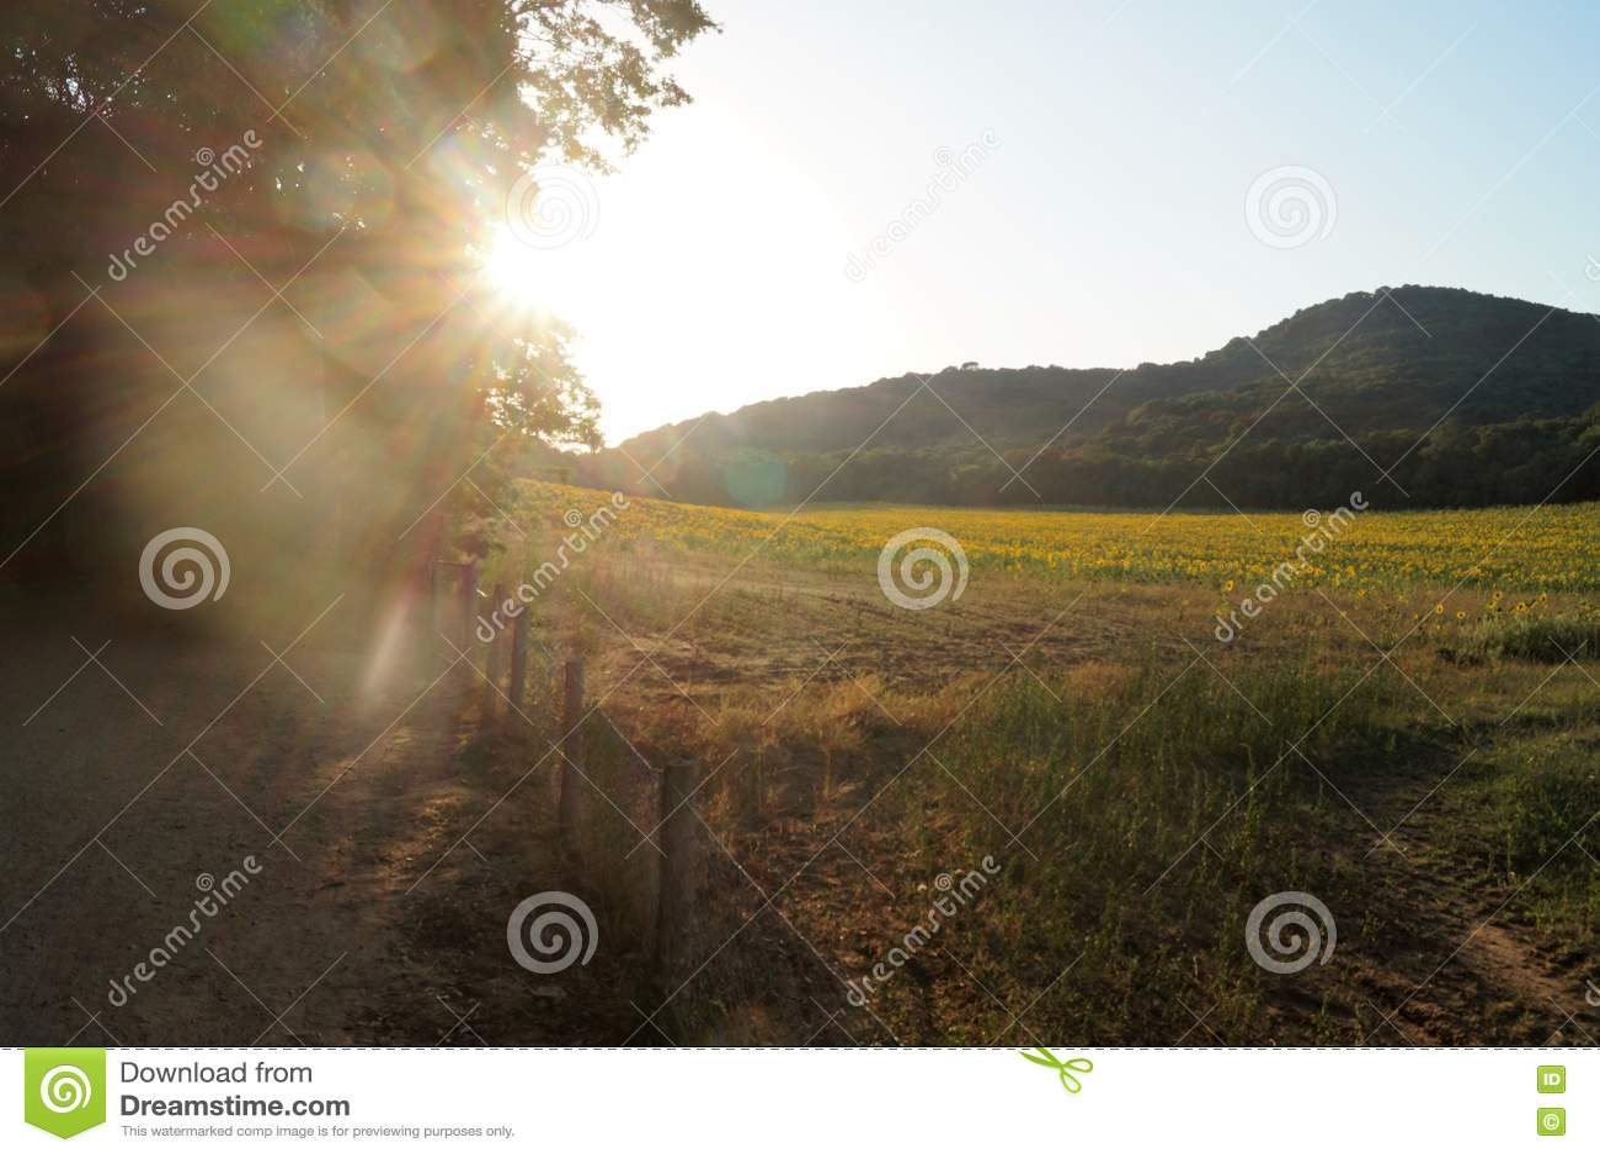 φωτεινός ηλίανθος ήλιων πρόσφατου καλοκαιριού λουλουδιών κεντρικών πεδίων μελισσών κίτρινος